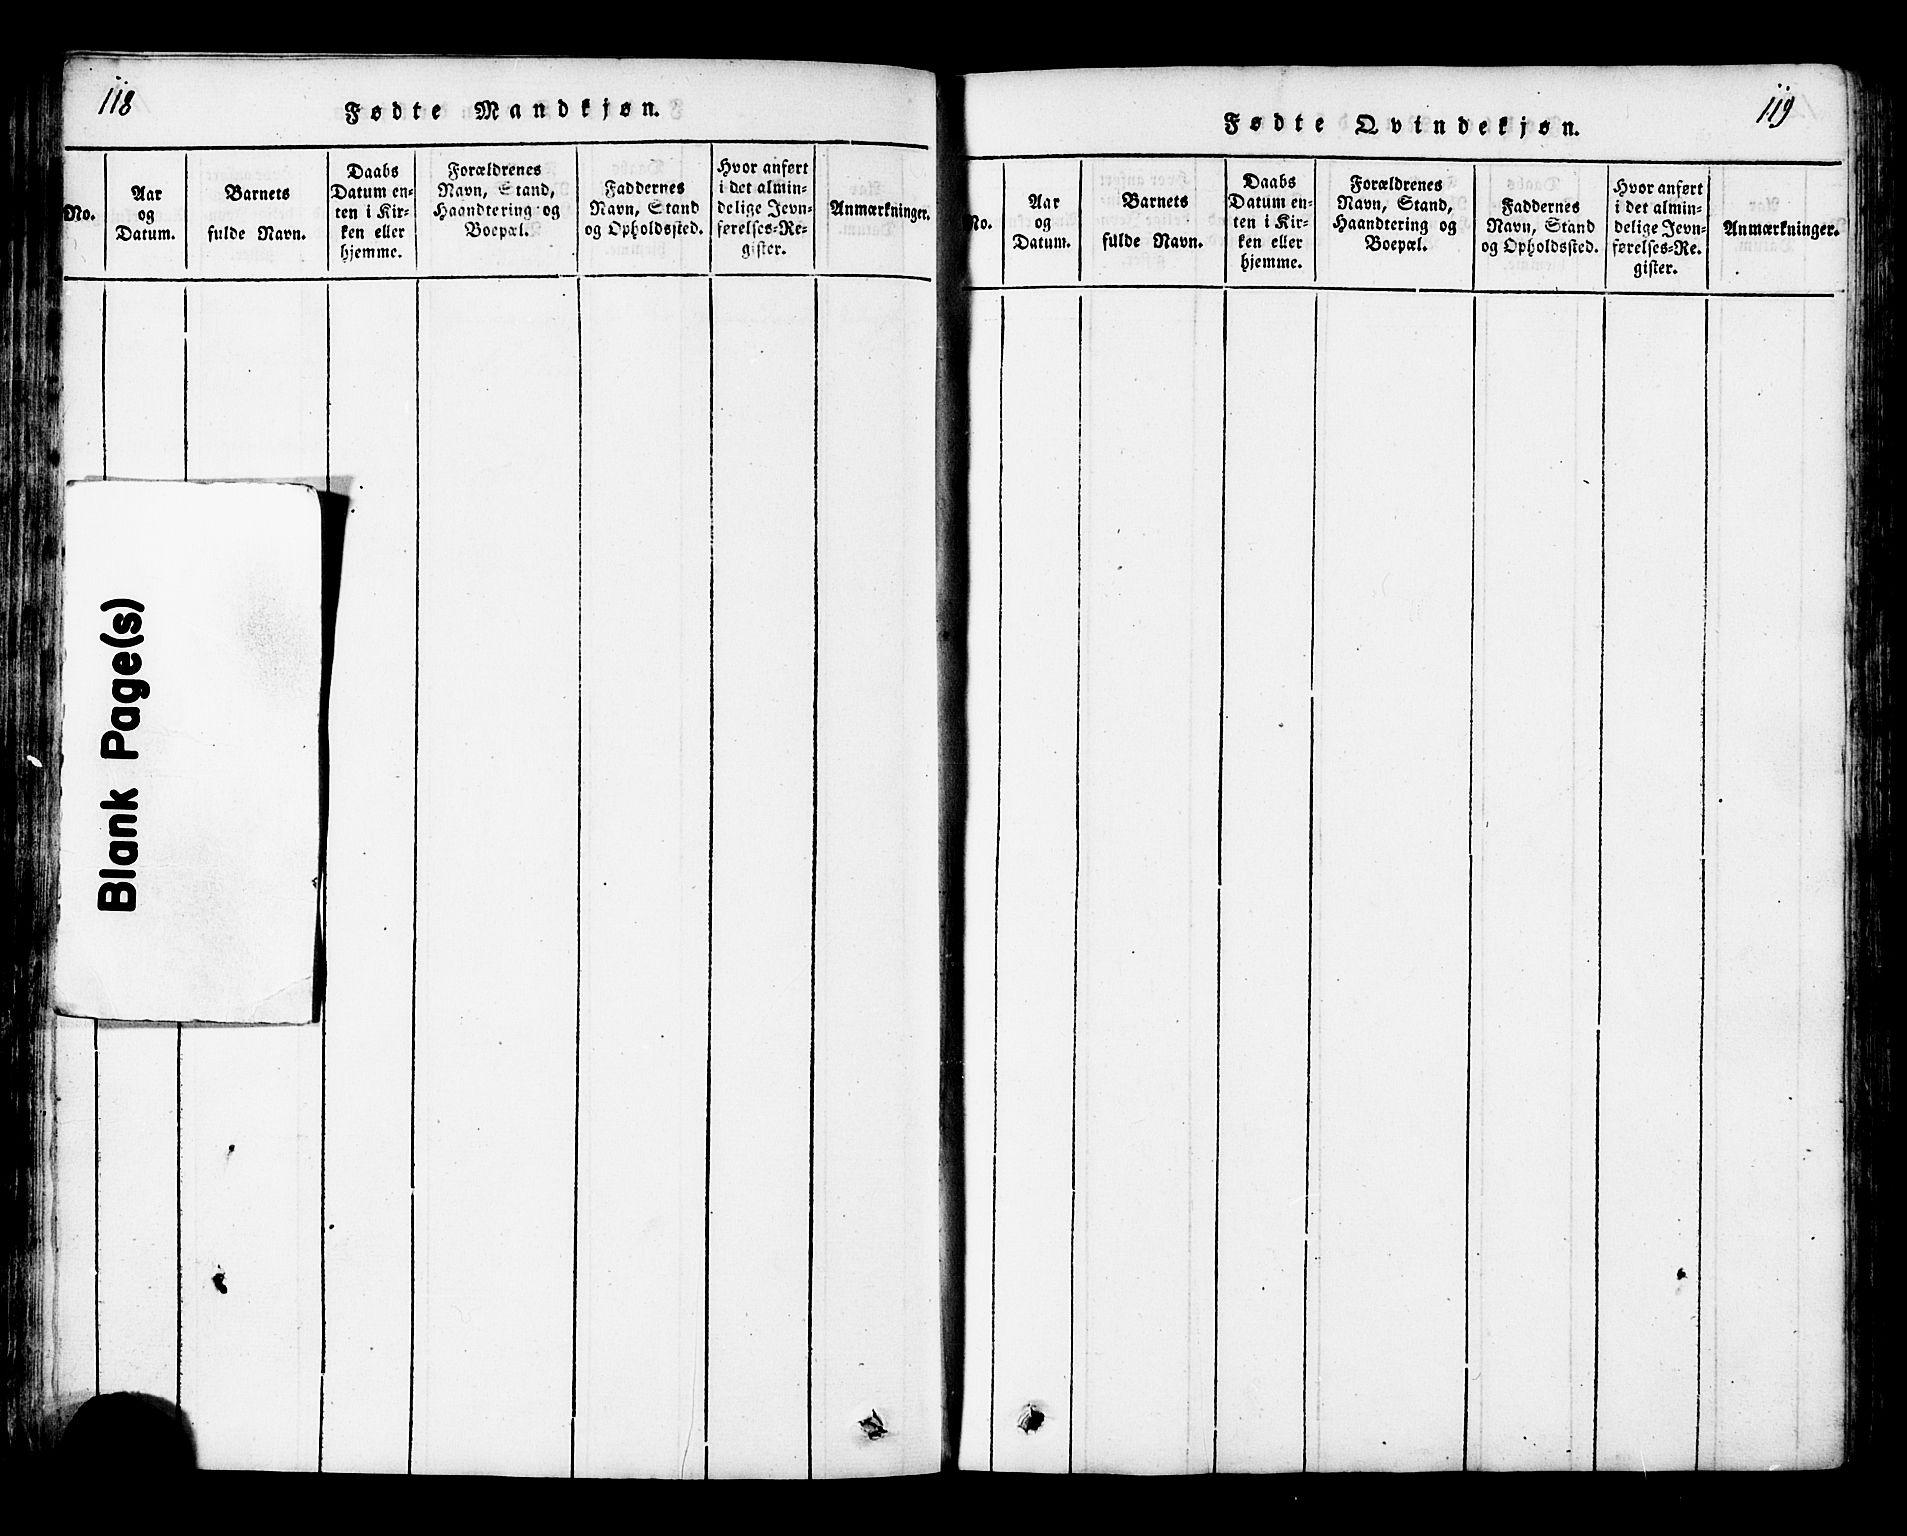 SAT, Ministerialprotokoller, klokkerbøker og fødselsregistre - Nord-Trøndelag, 717/L0169: Klokkerbok nr. 717C01, 1816-1834, s. 118-119